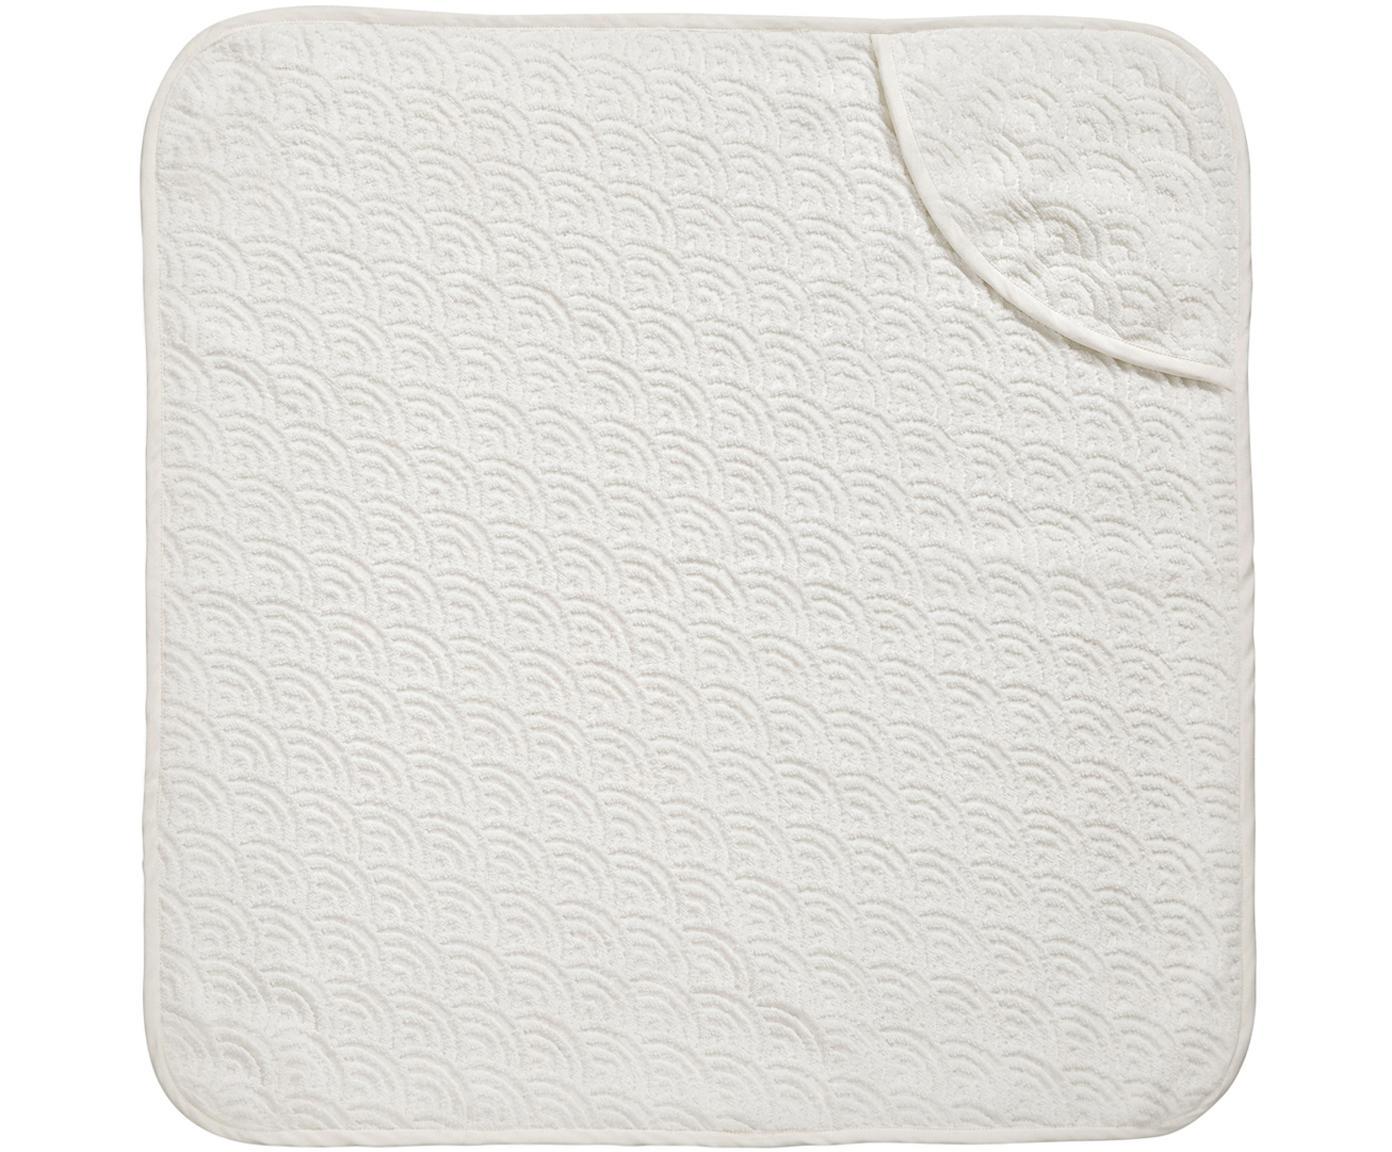 Asciugamano per bambini in cotone organico Wave, Cotone organico, certificato GOTS, Bianco spezzato, Larg. 80 x Lung. 80 cm